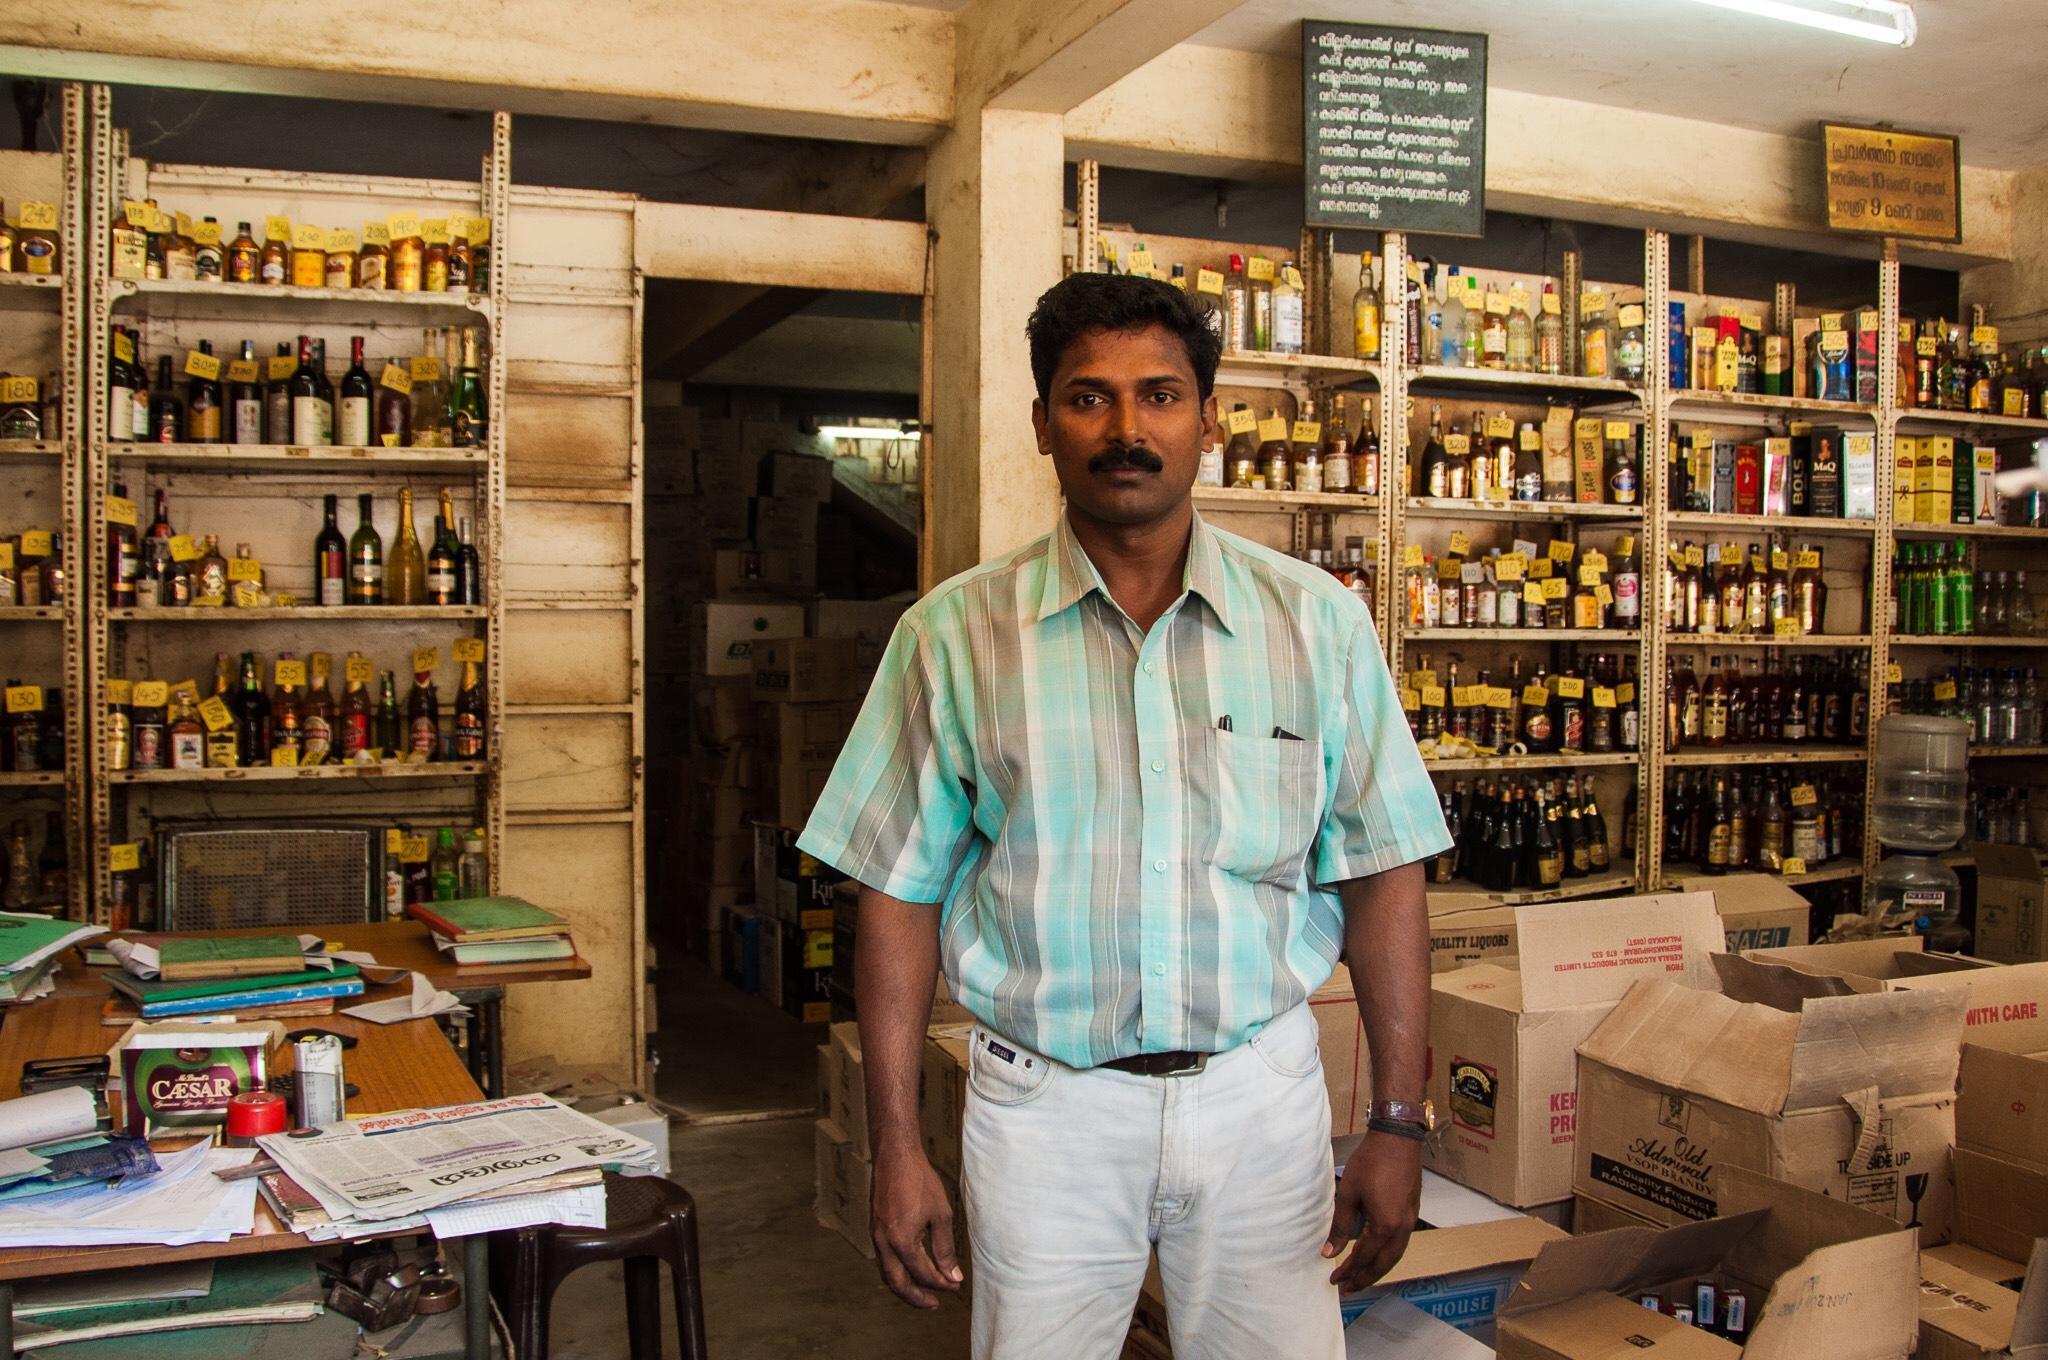 Liquor store, Kerala, India, 2011